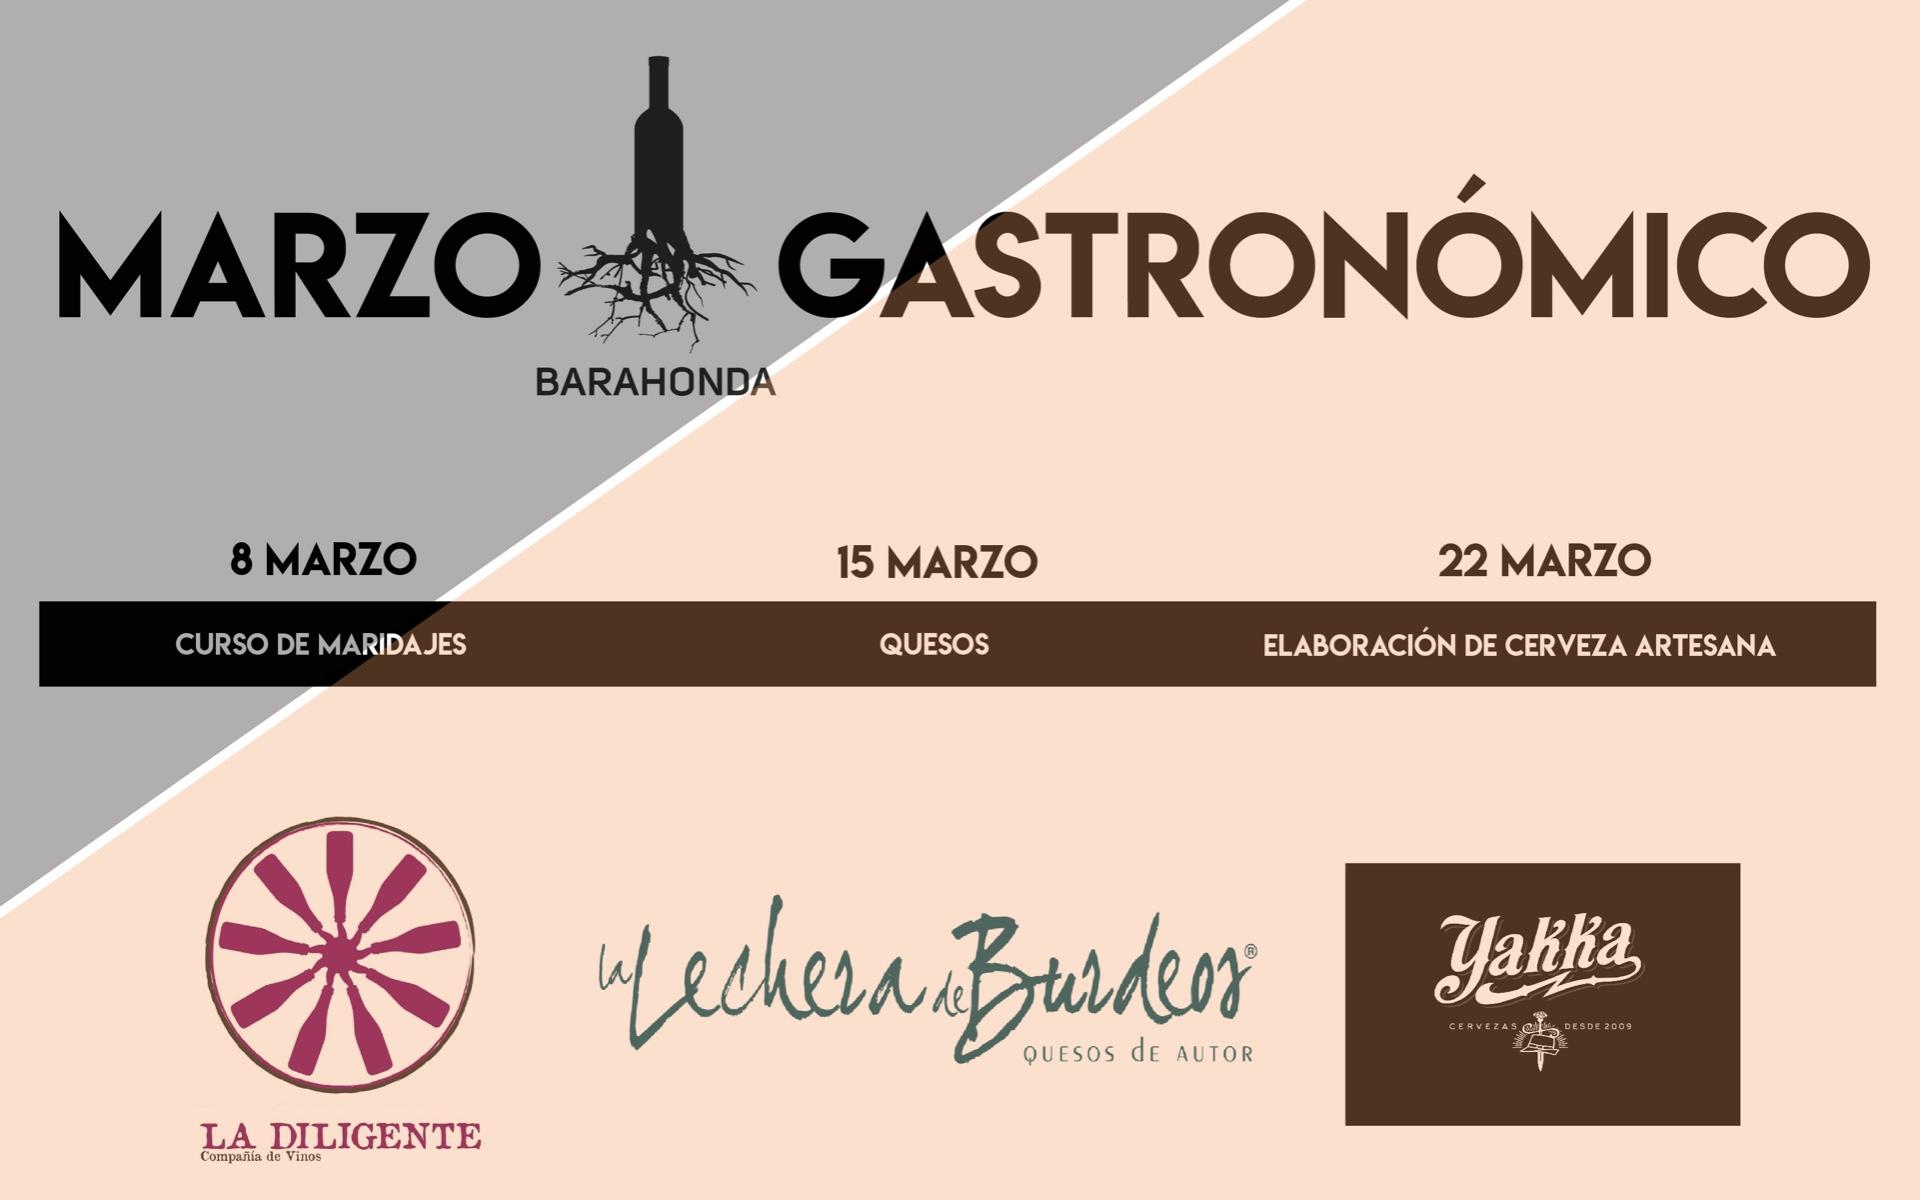 Marzo Gastronómico 2019 de Barahonda